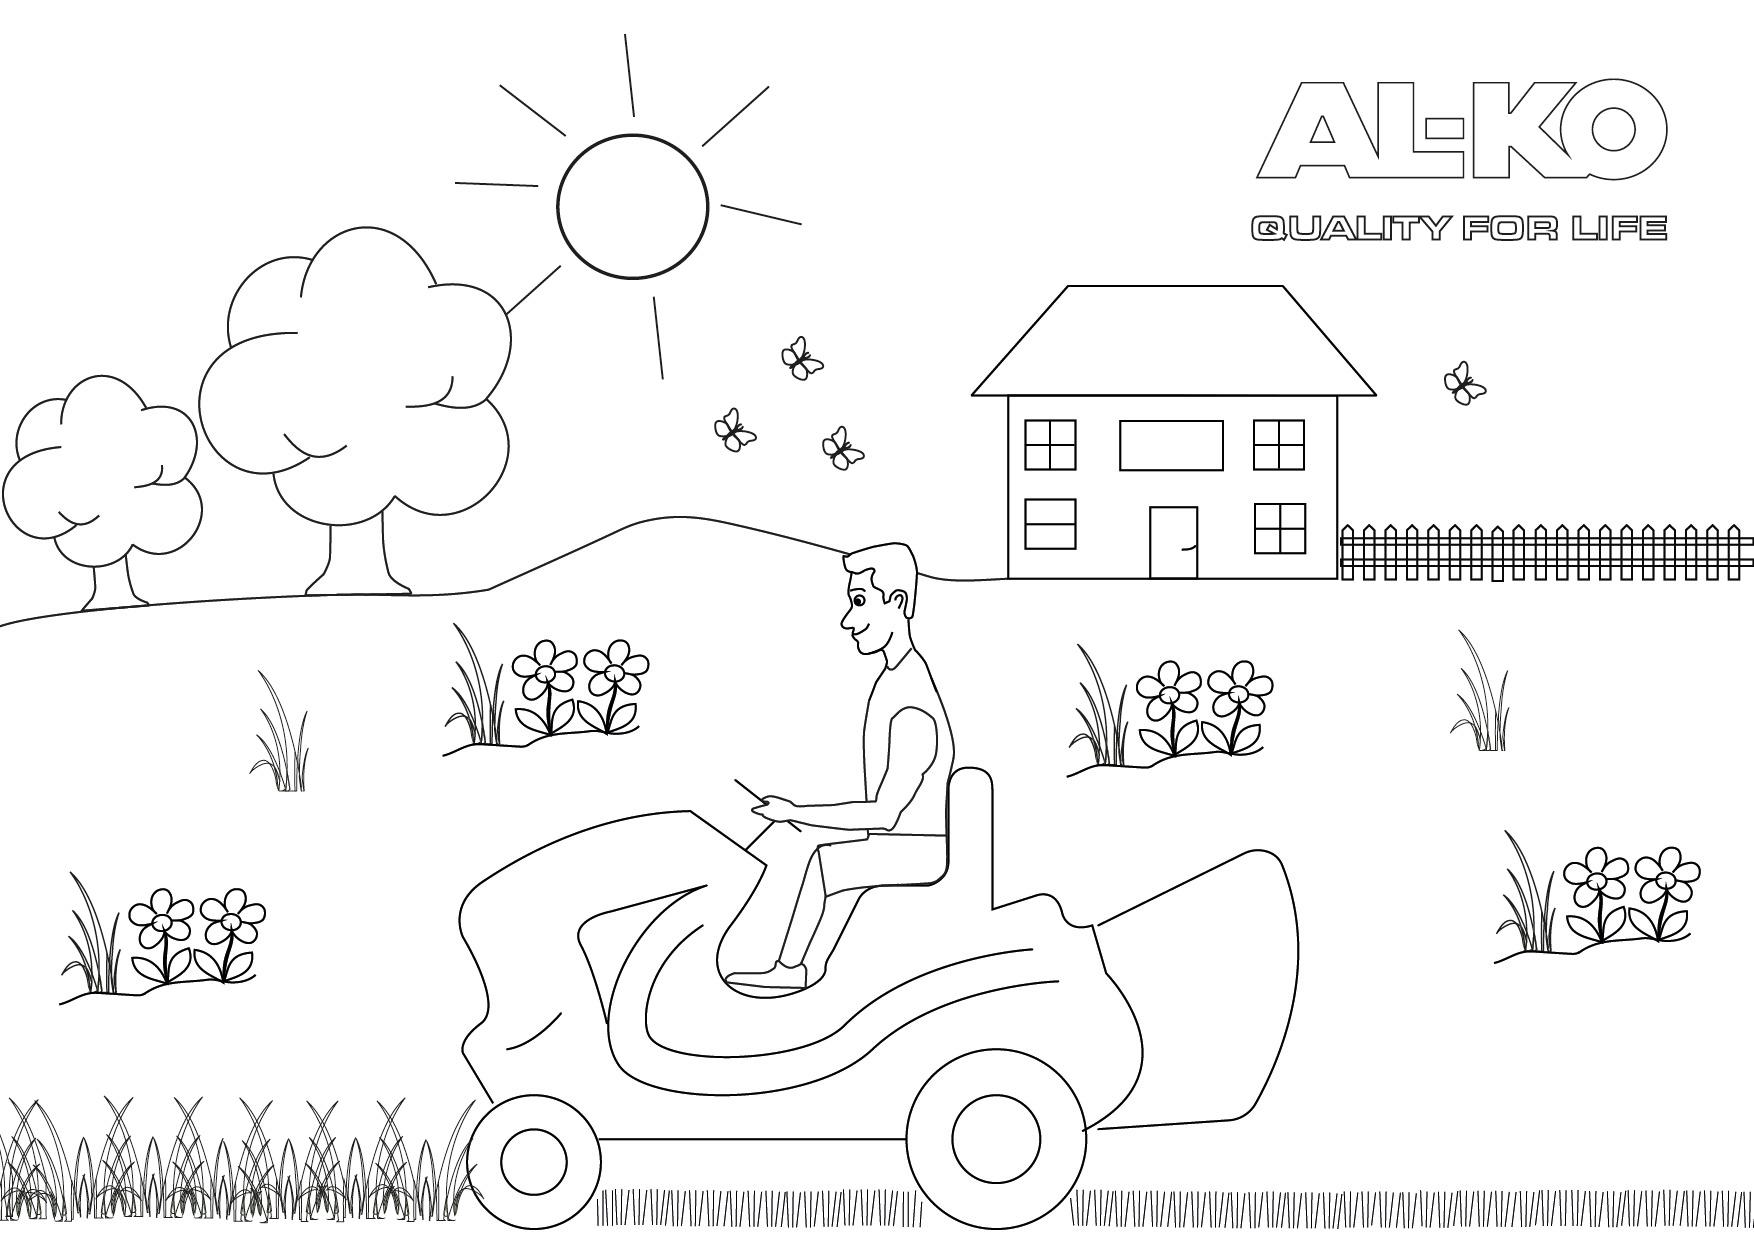 Mähen mit dem Rasentraktor | AL-KO Malvorlagen für Kids